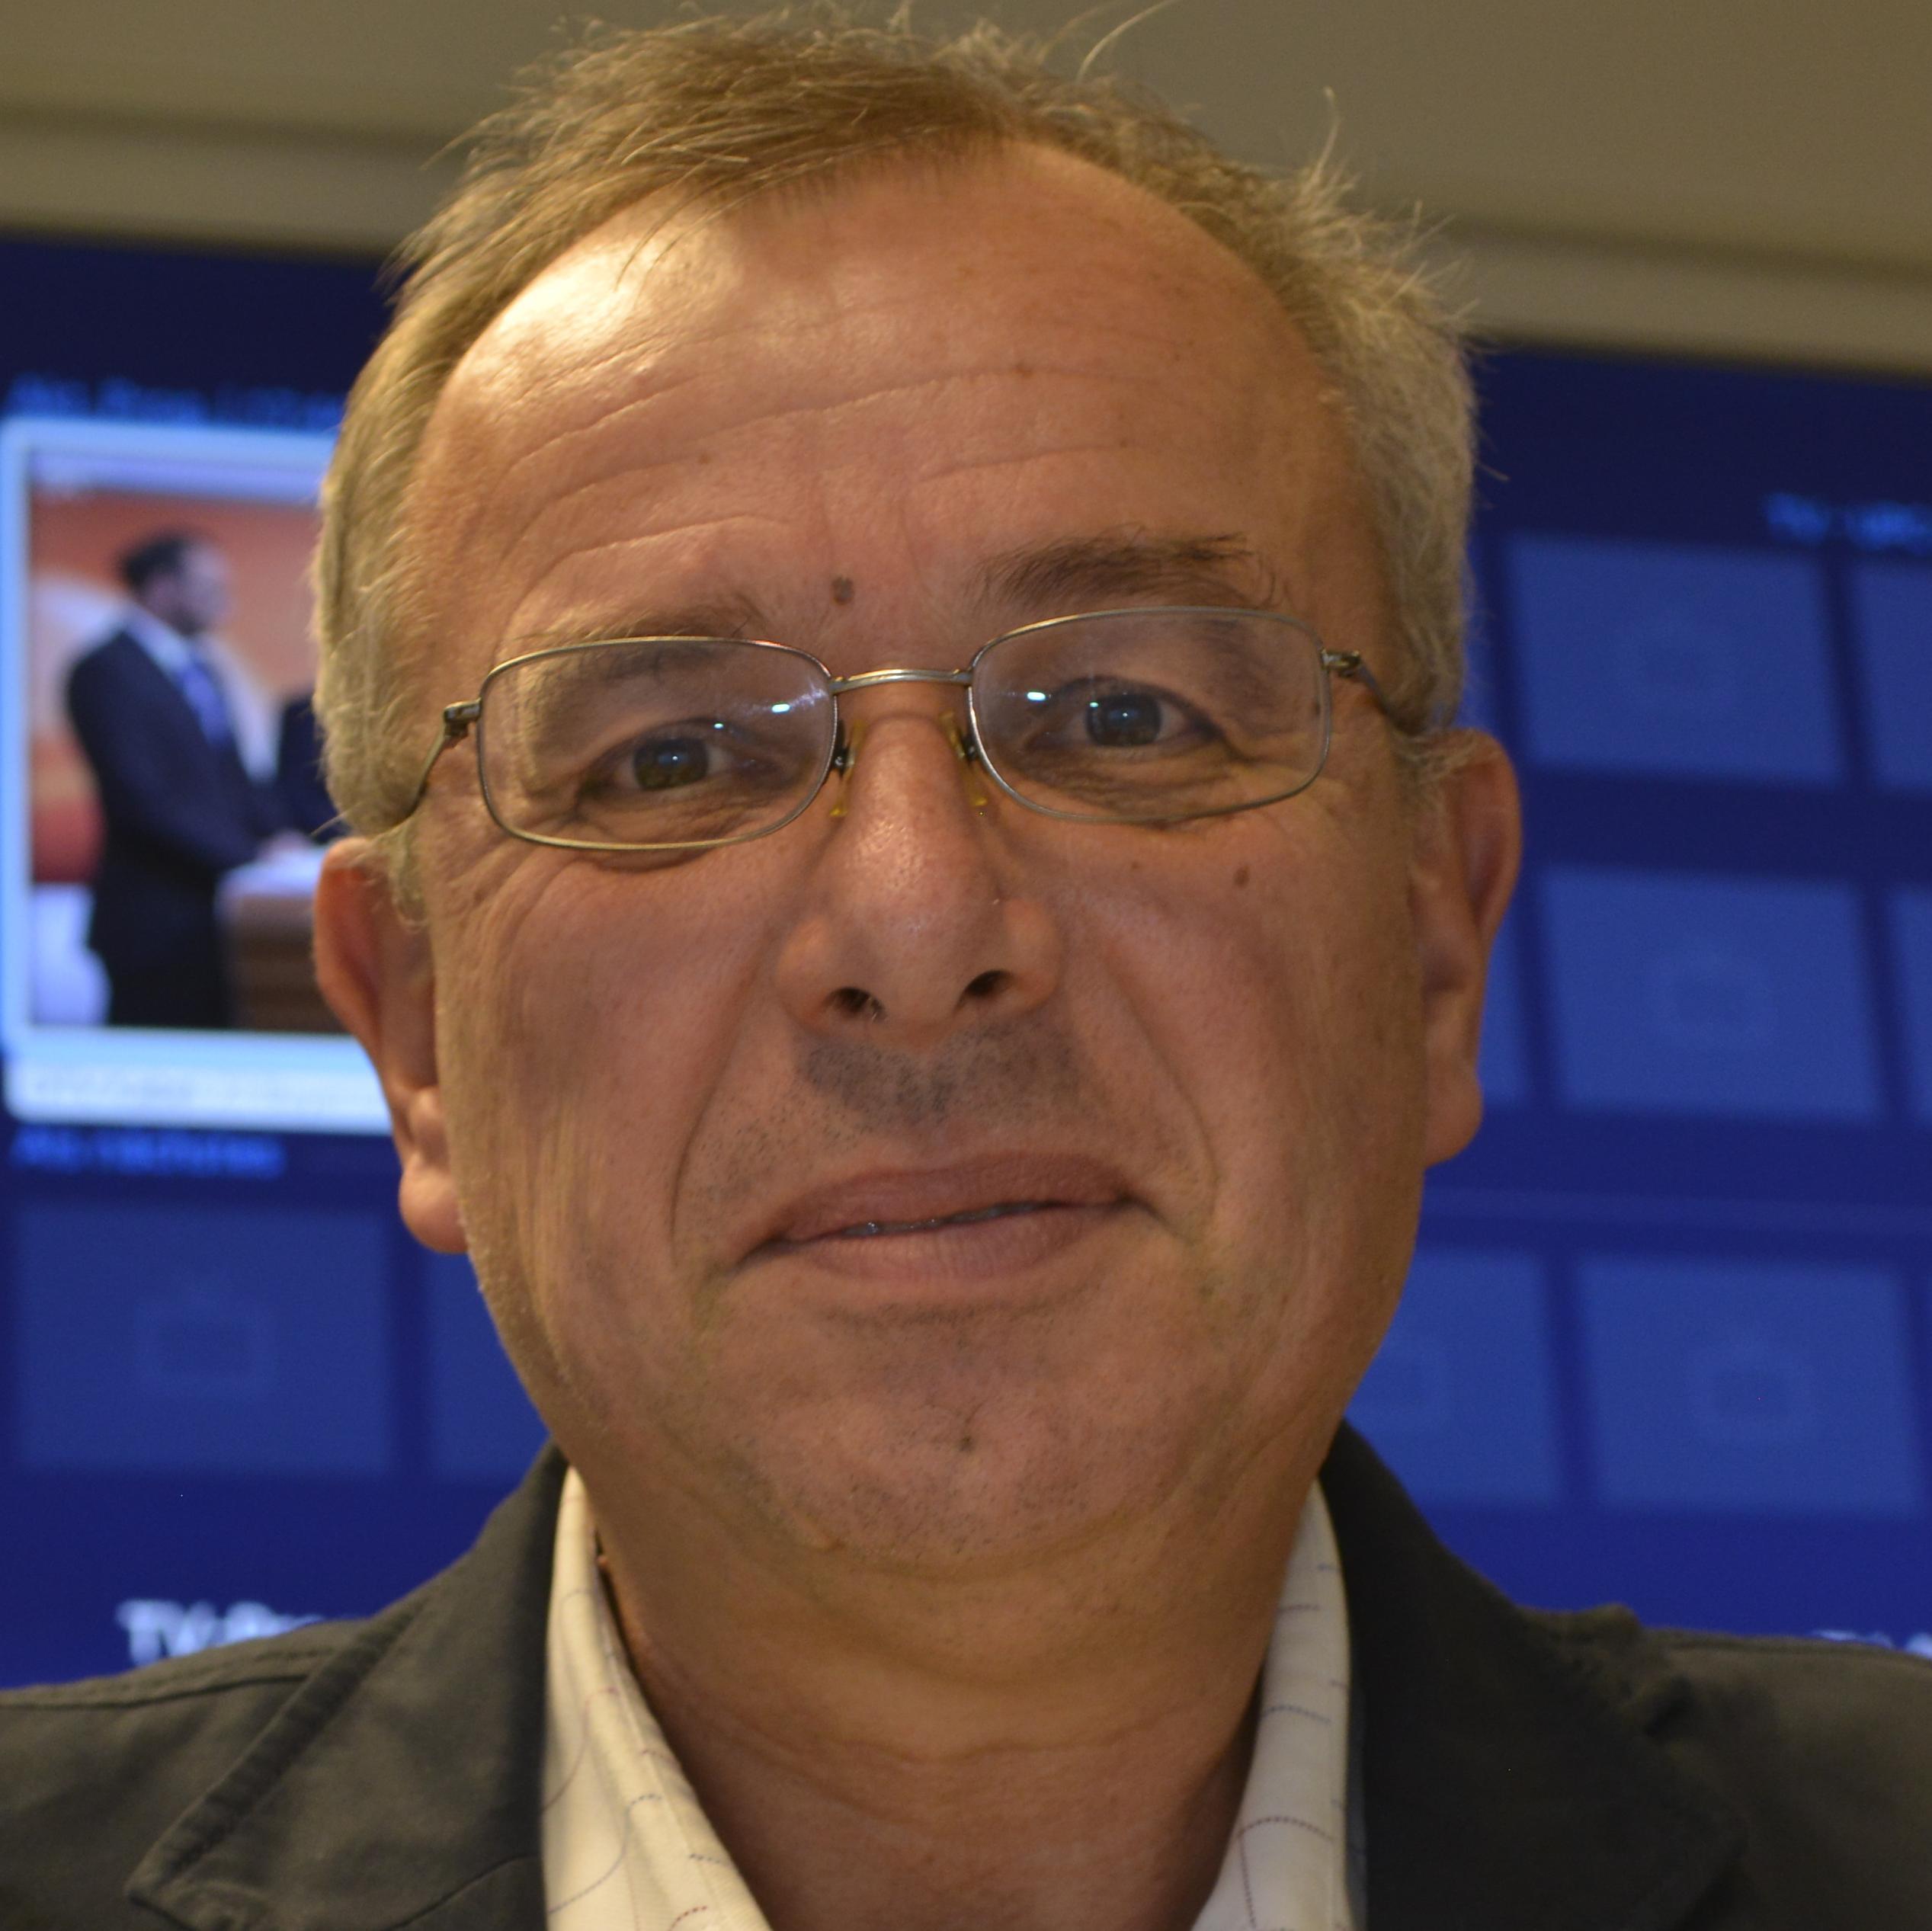 Wolfgang Jandl